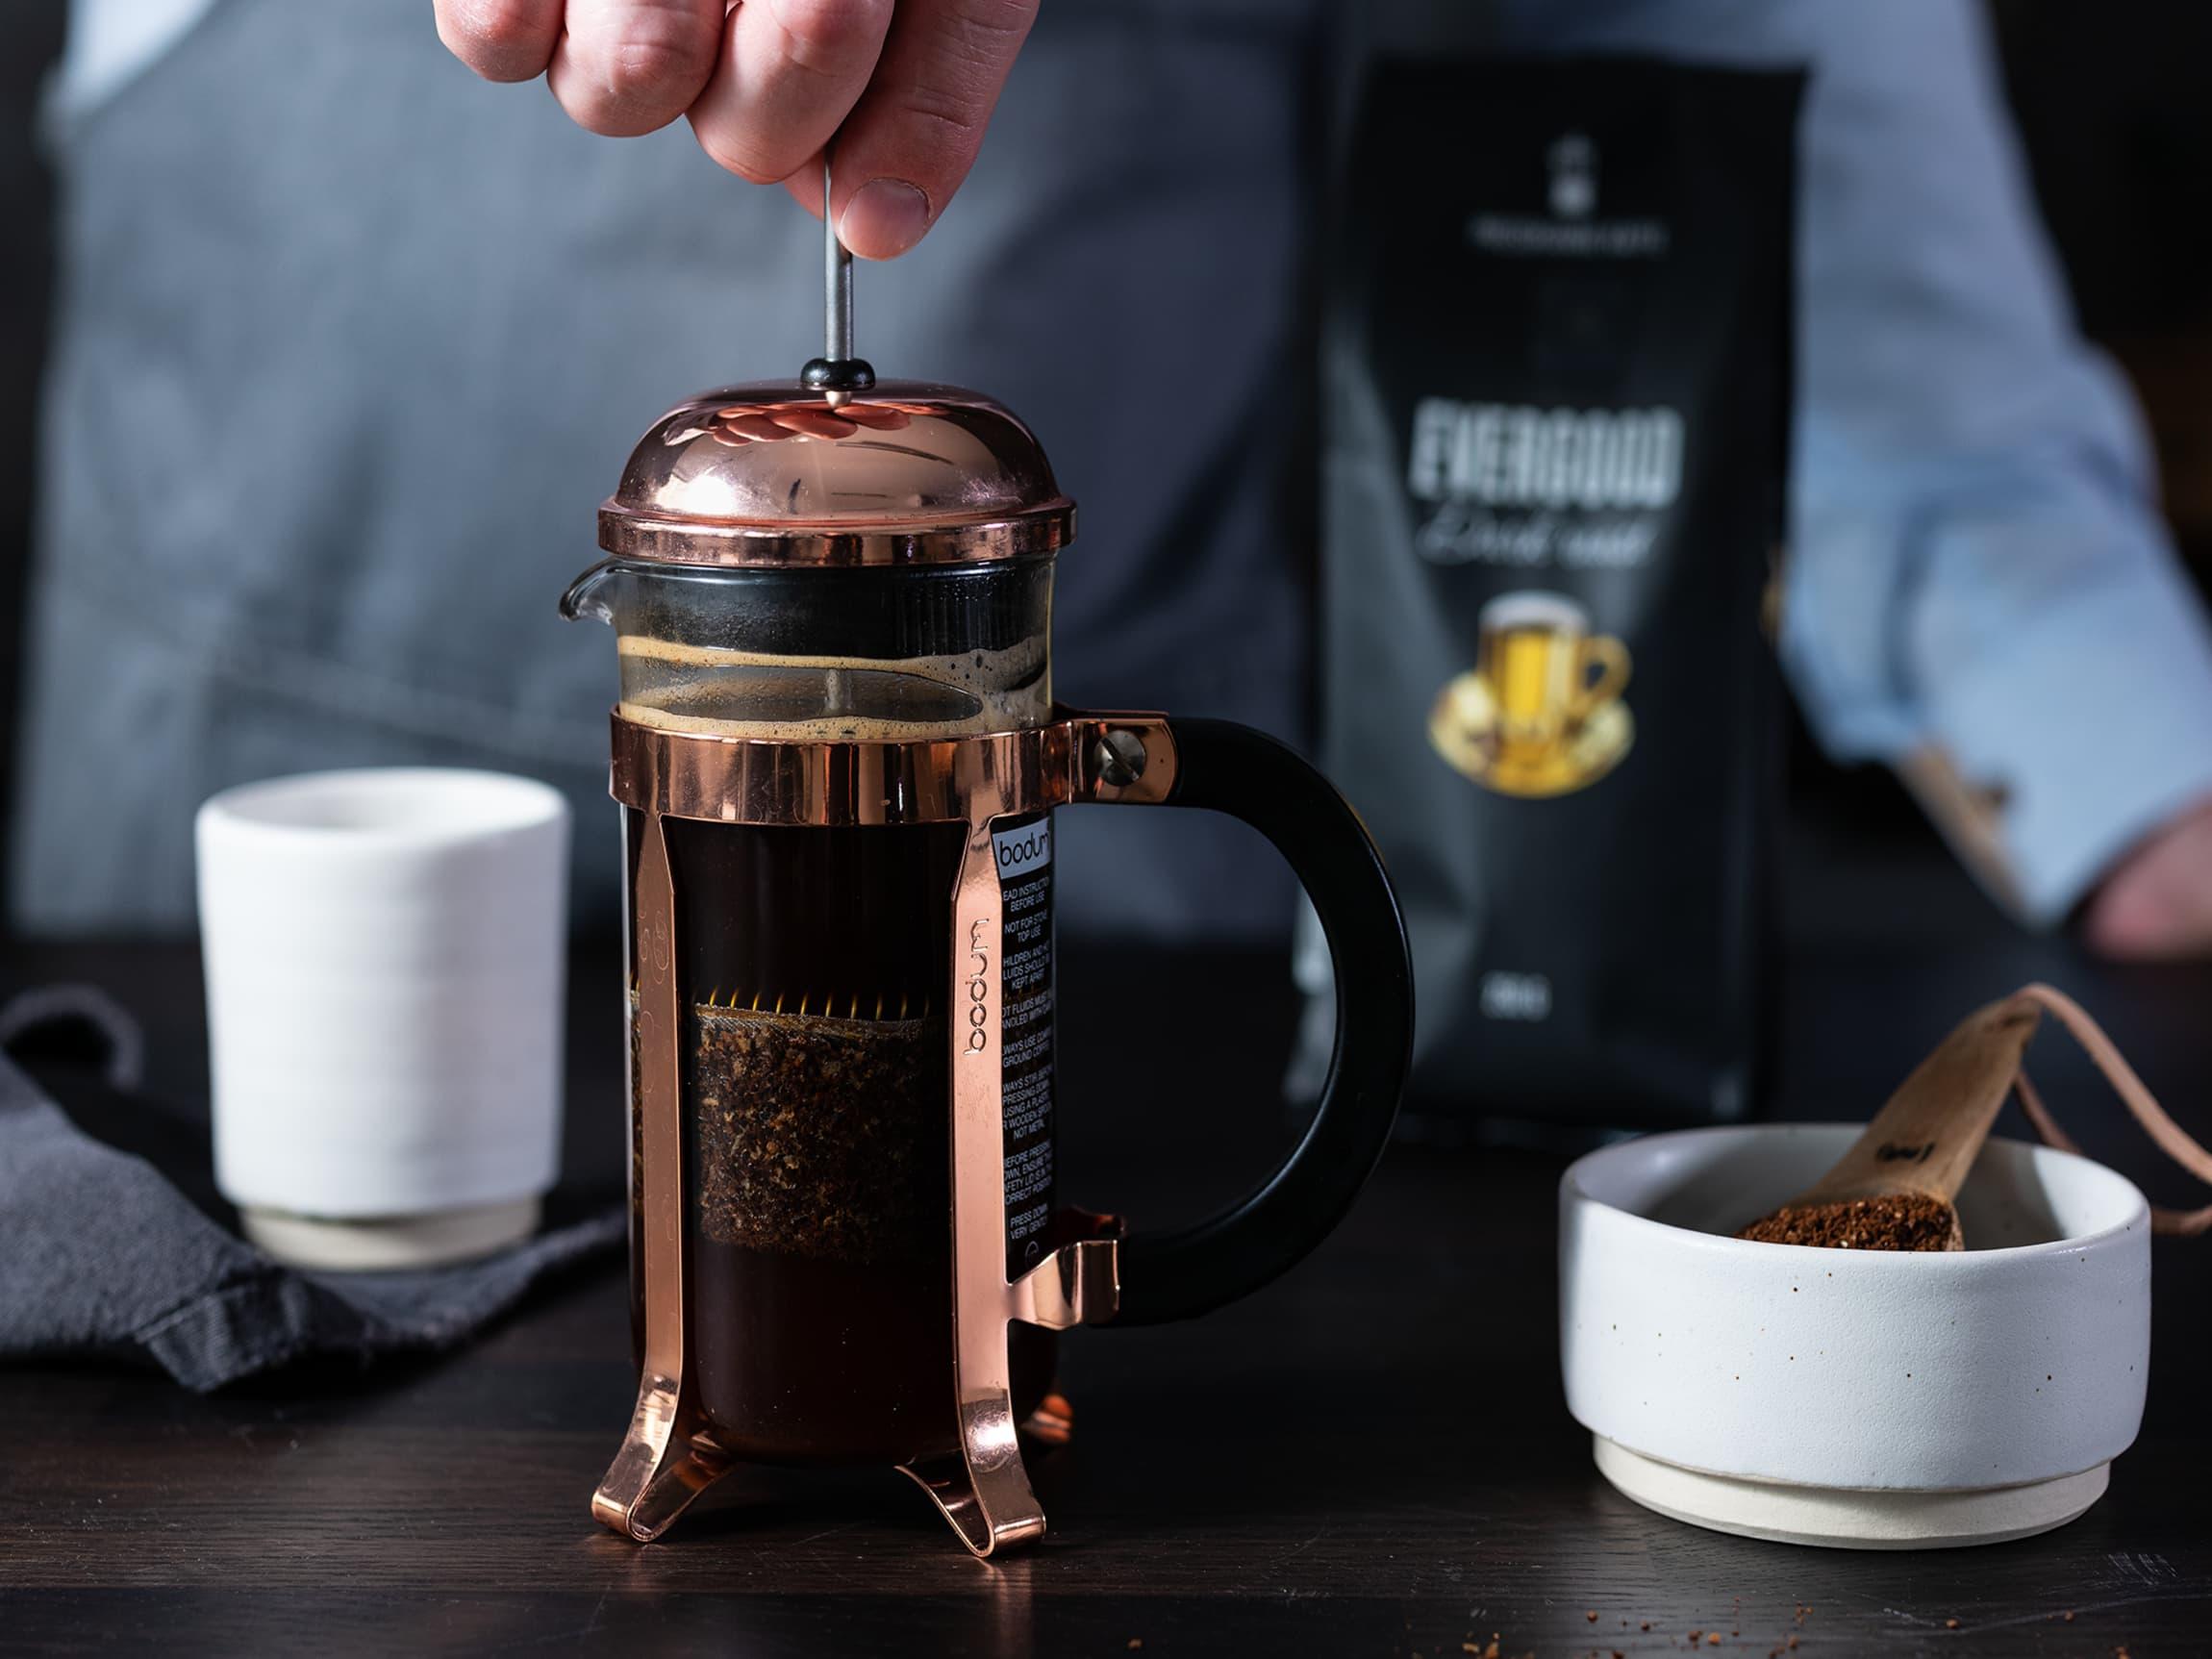 Å lage kaffe med presskanne krever minimalt med egeninnsats.